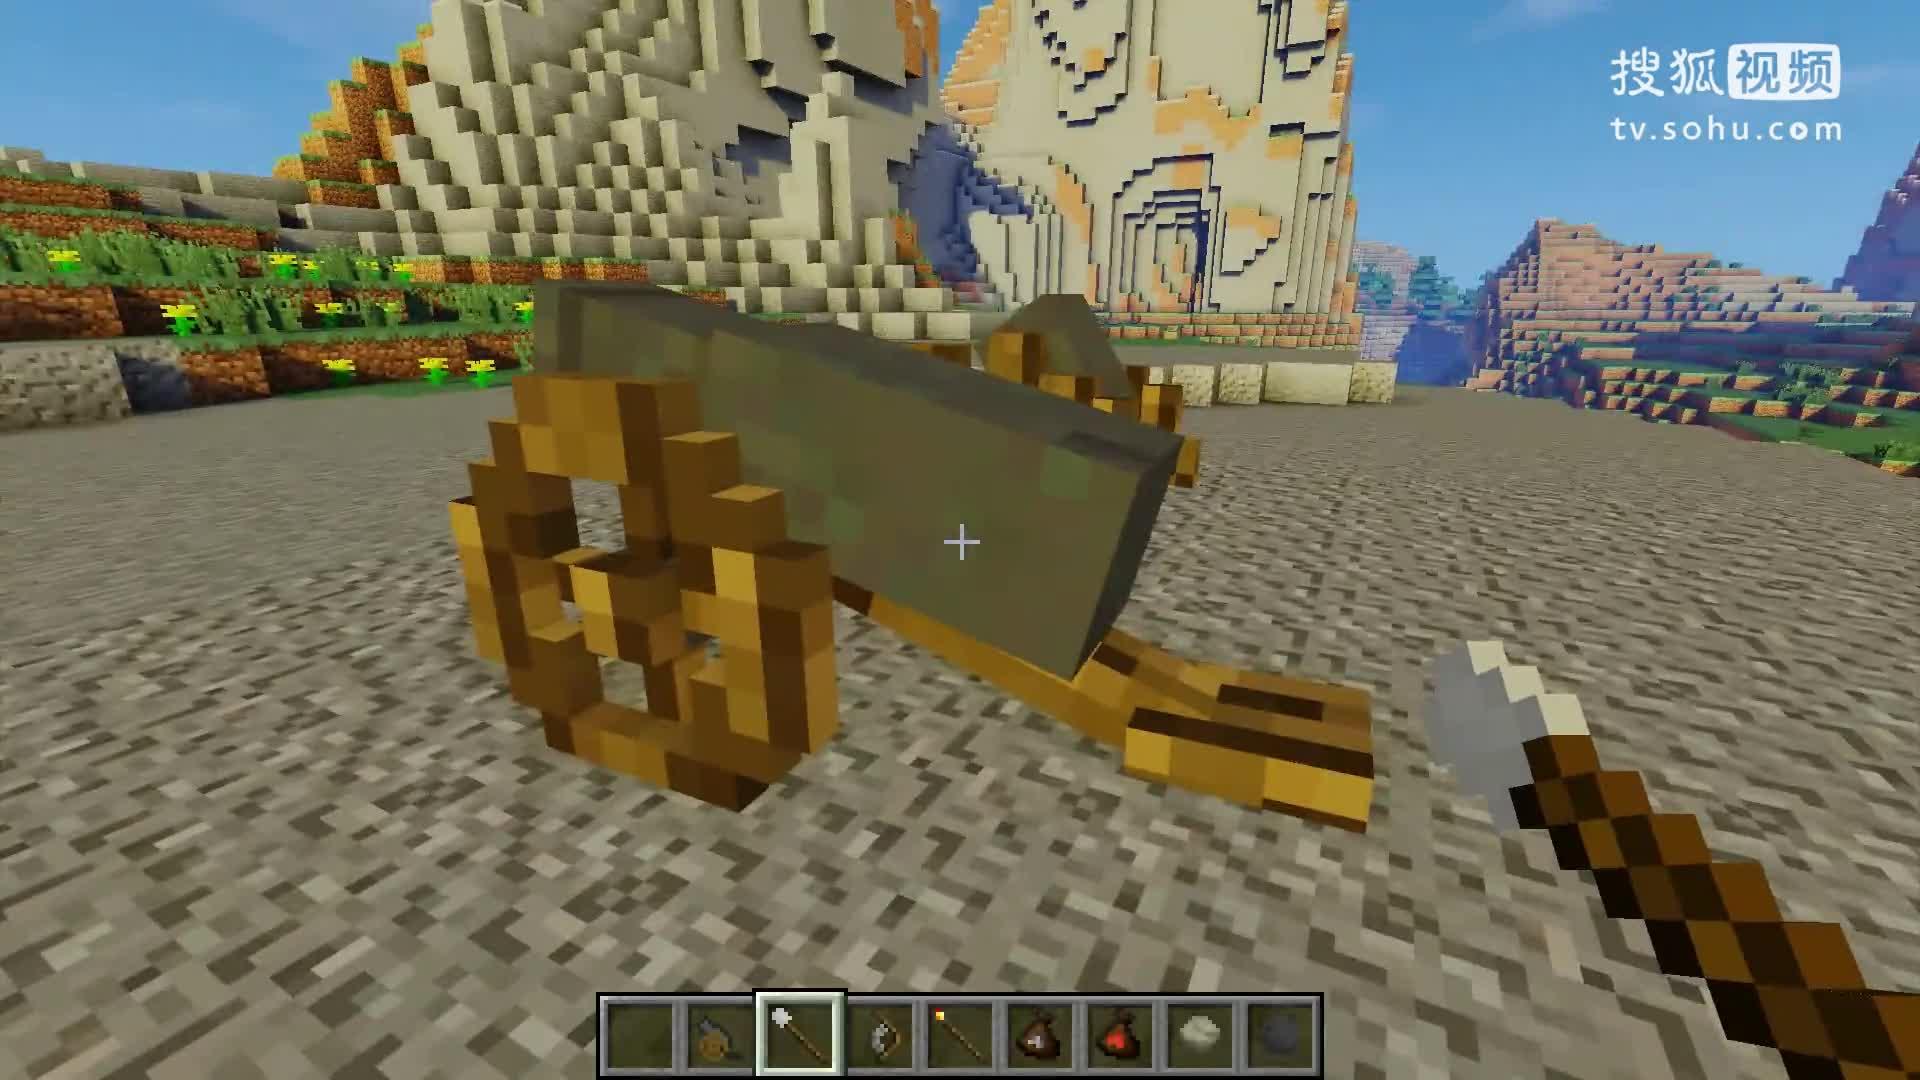 我的世界minecraft籽岷的模组介绍